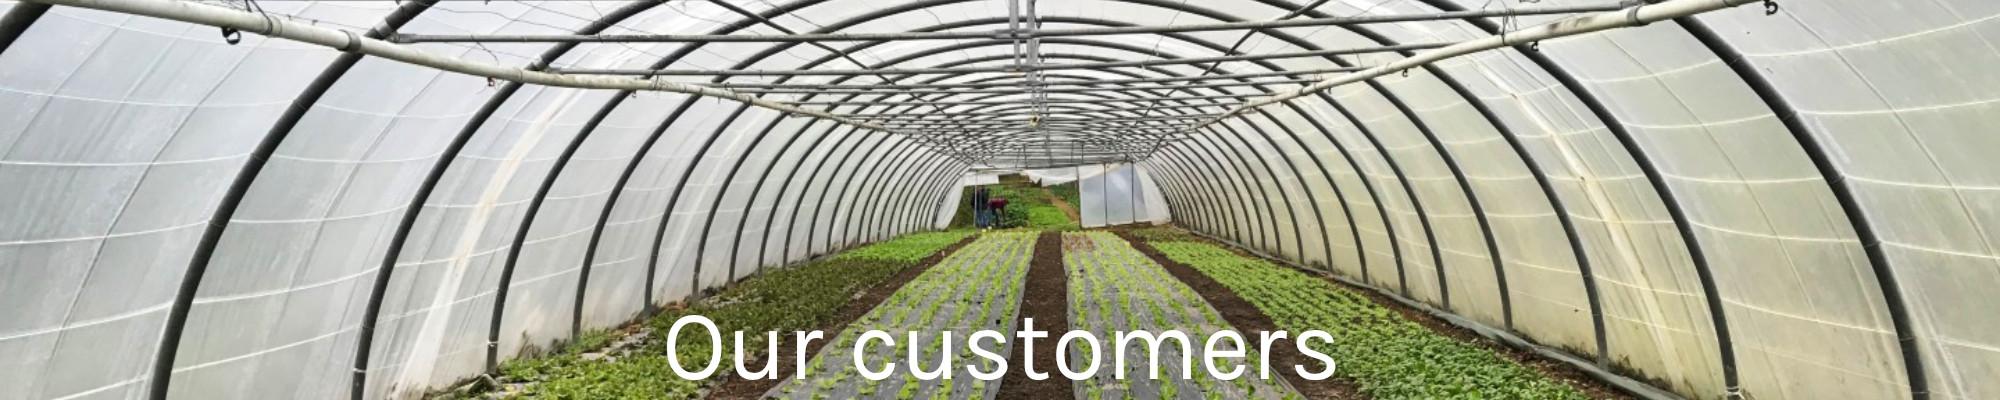 Onze klanten banner EN 2000x400 v2